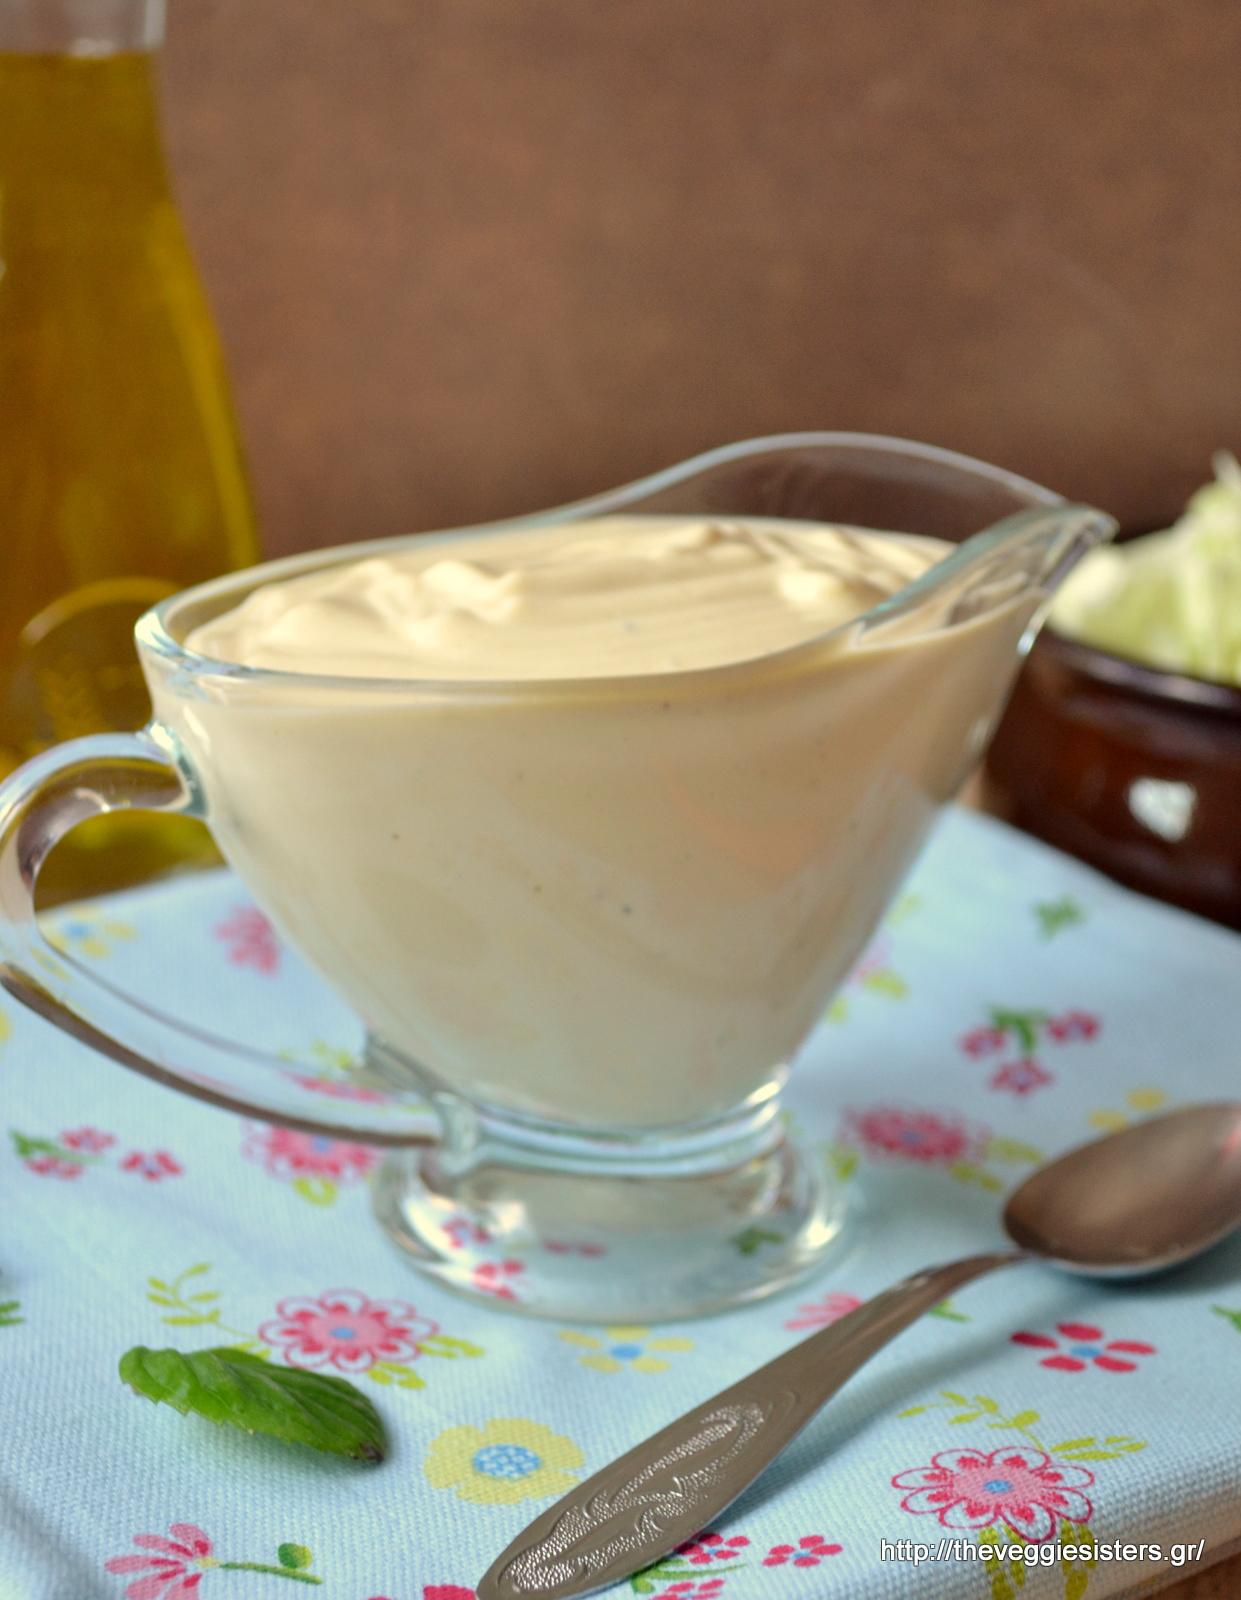 Υπέροχη φυτική ελαφριά μαγιονέζα - Delicious vegan mayonnaise